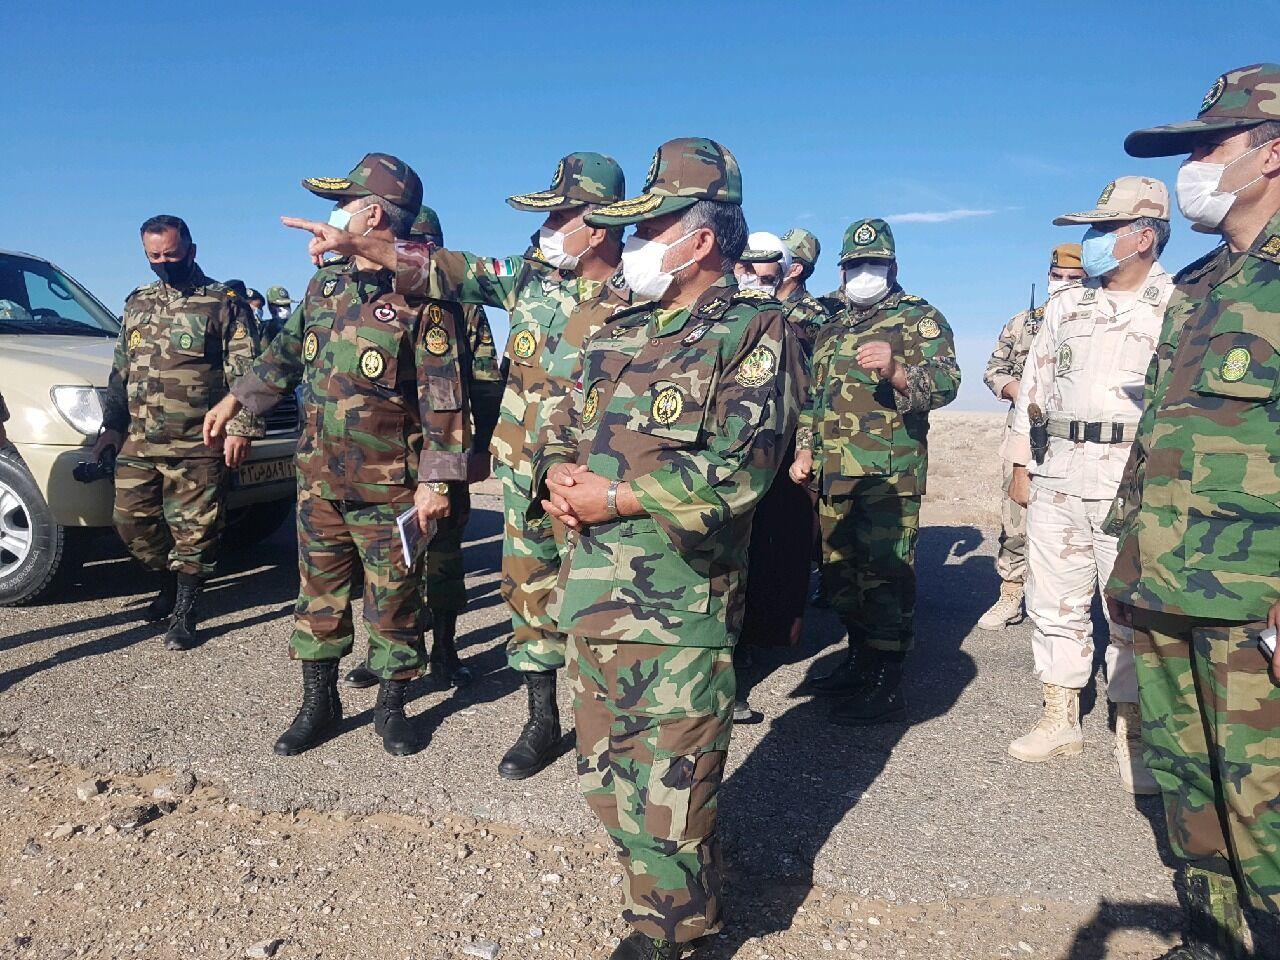 فرمانده ارتش در شمال شرق کشور: امنیت در مرزهای شرقی ایران برقرار است